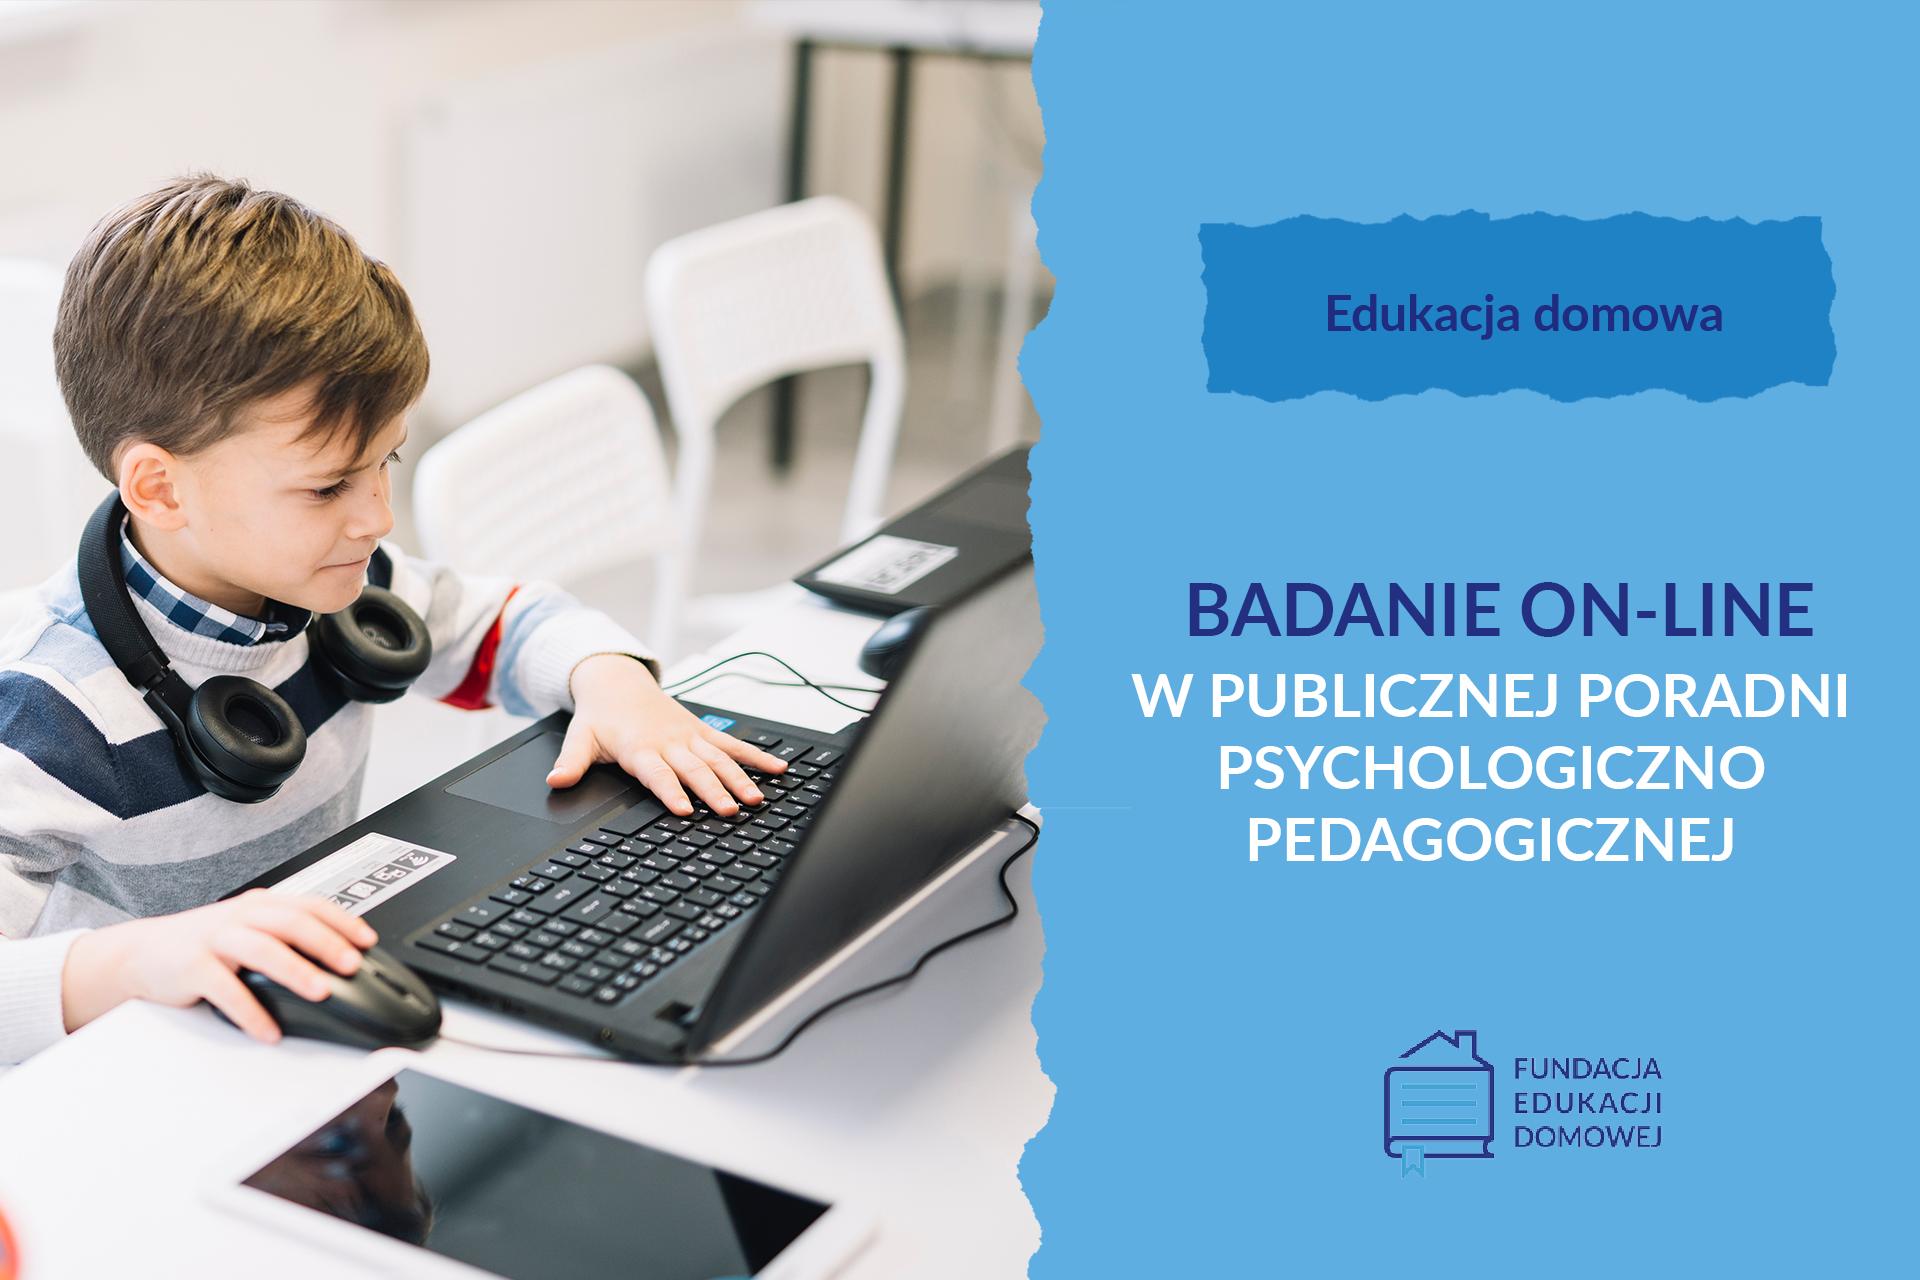 Badanie online w publicznej poradni psychologiczno-pedagogicznej